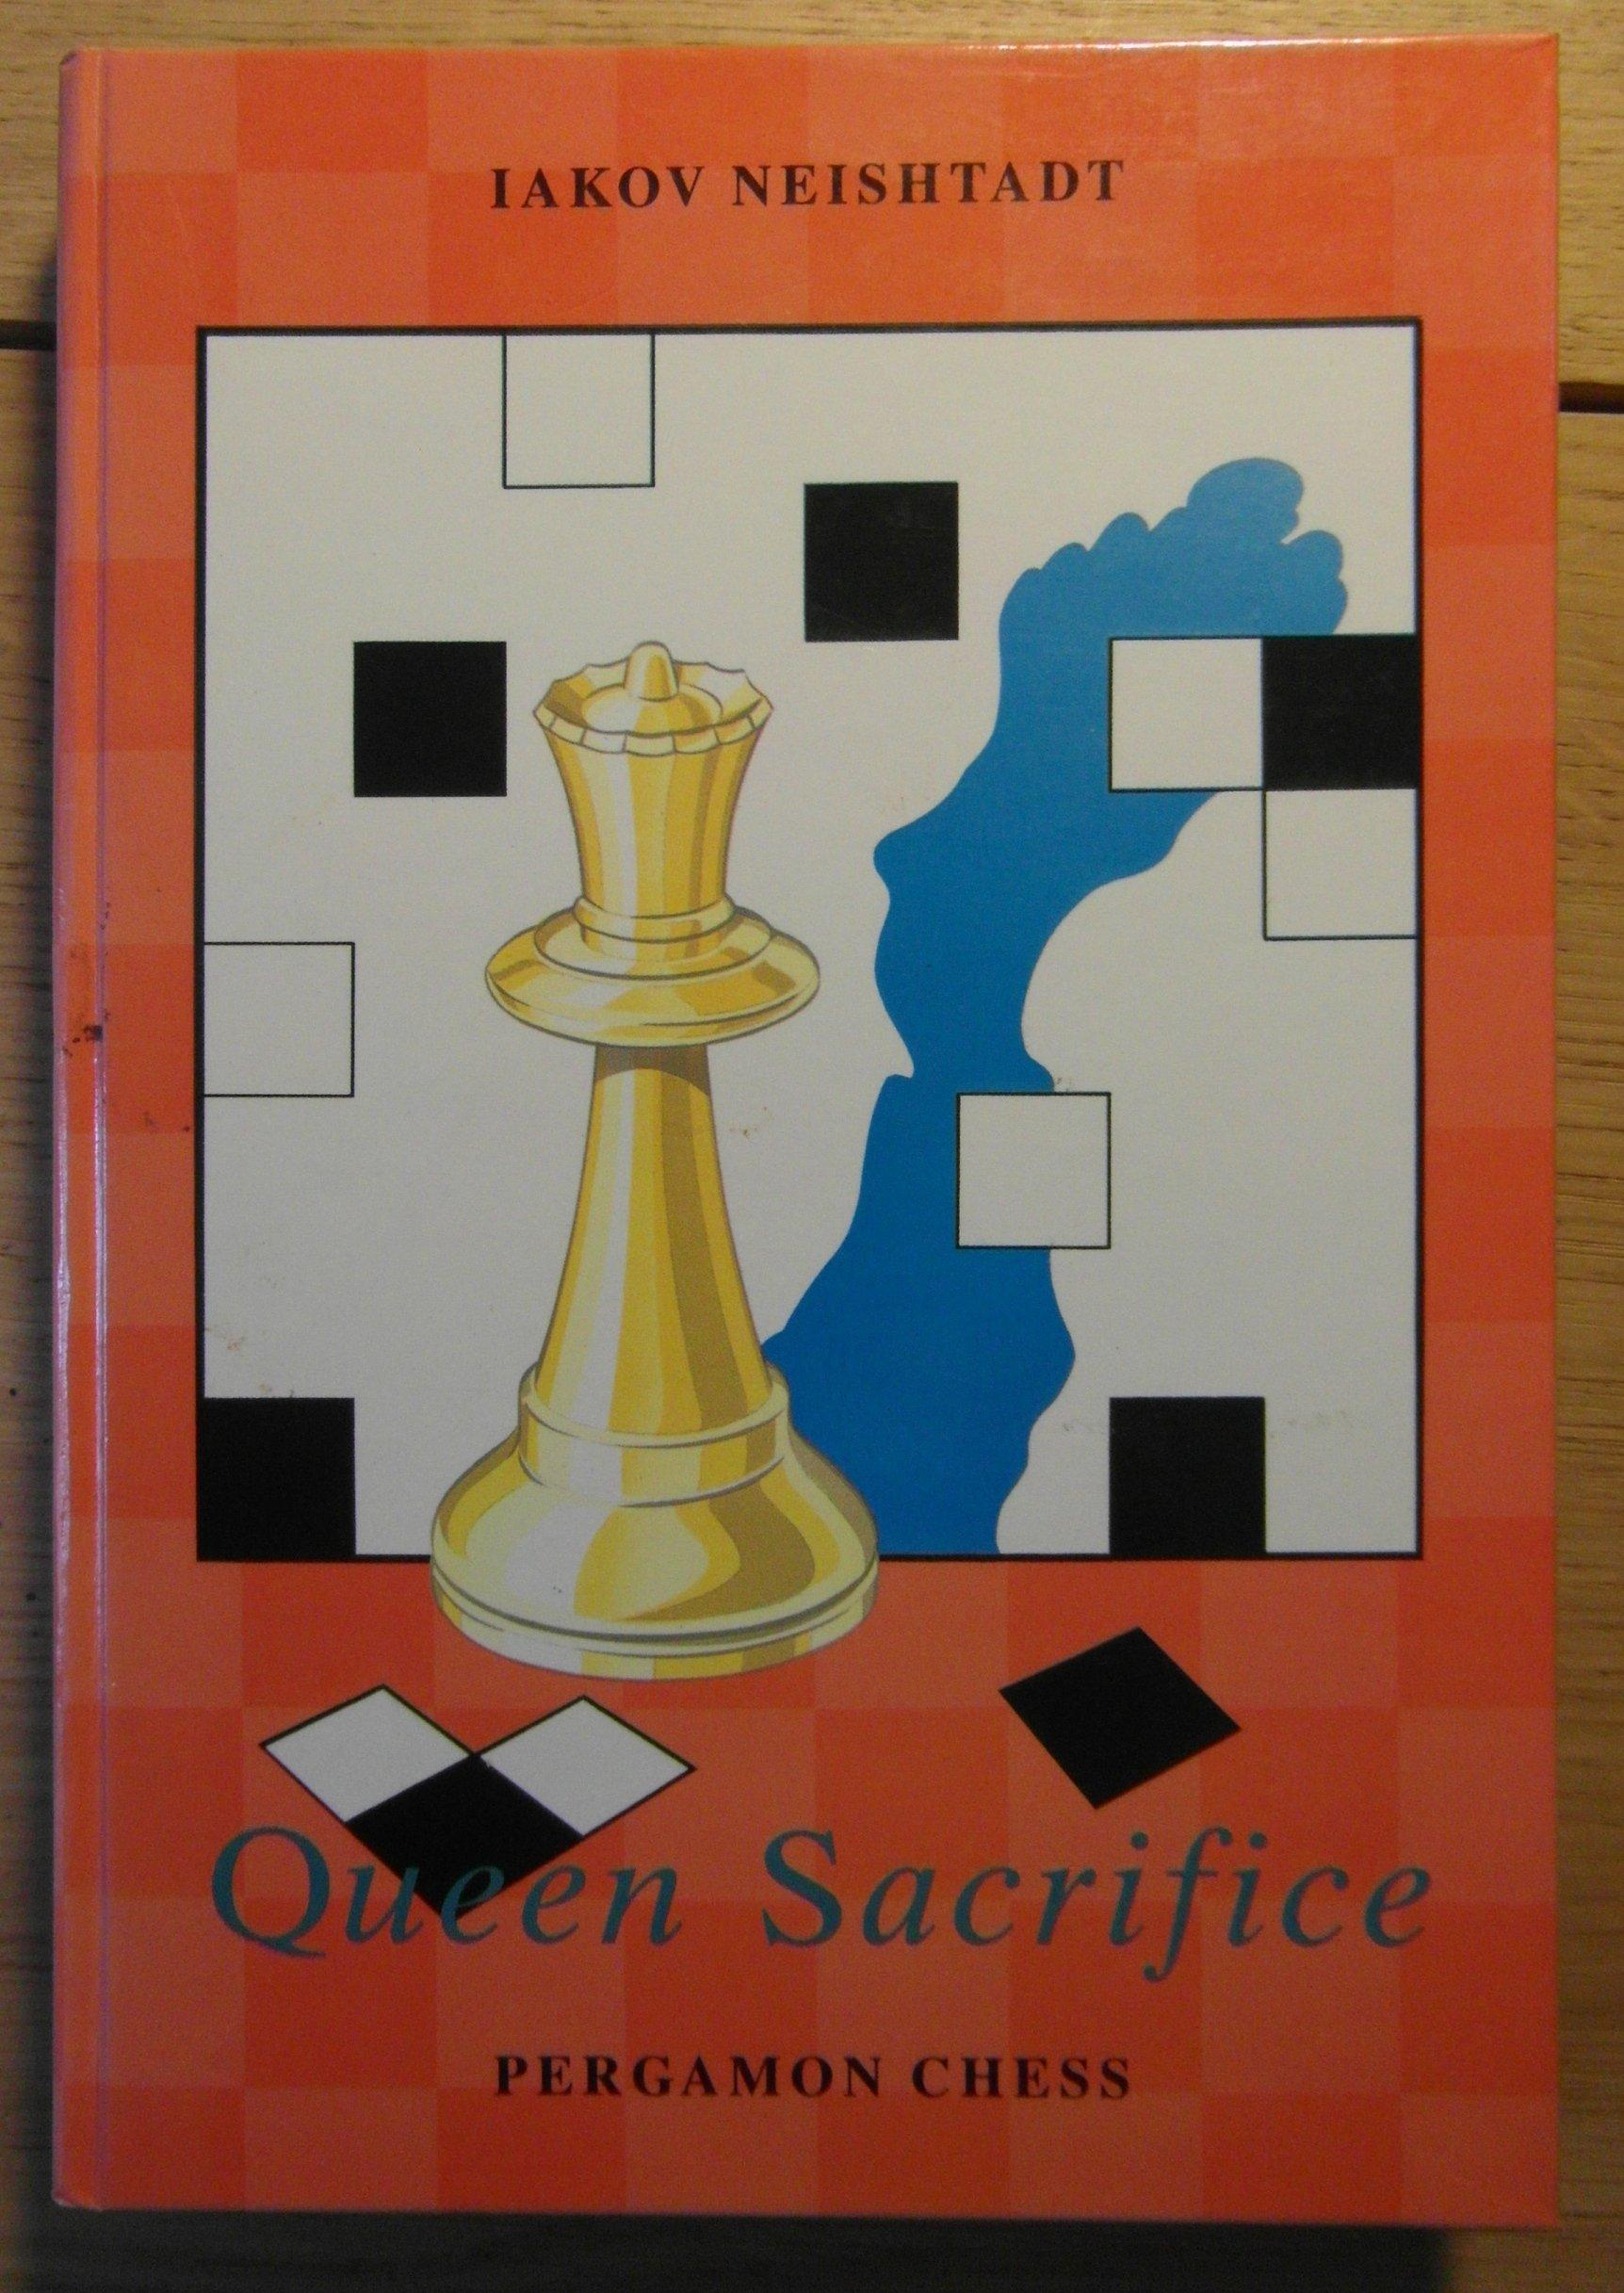 Israeli chess players